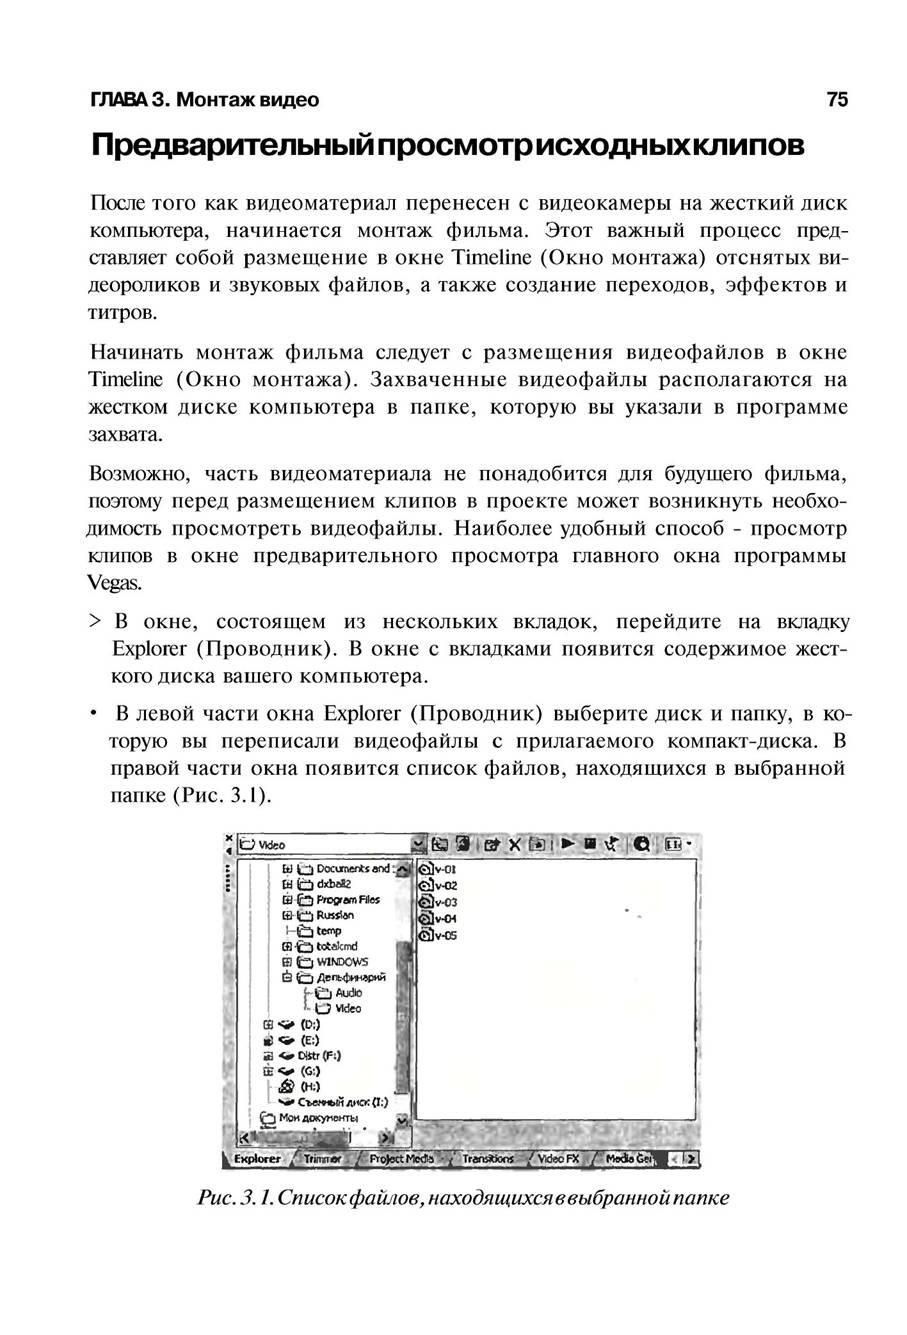 http://redaktori-uroki.3dn.ru/_ph/13/697237889.jpg